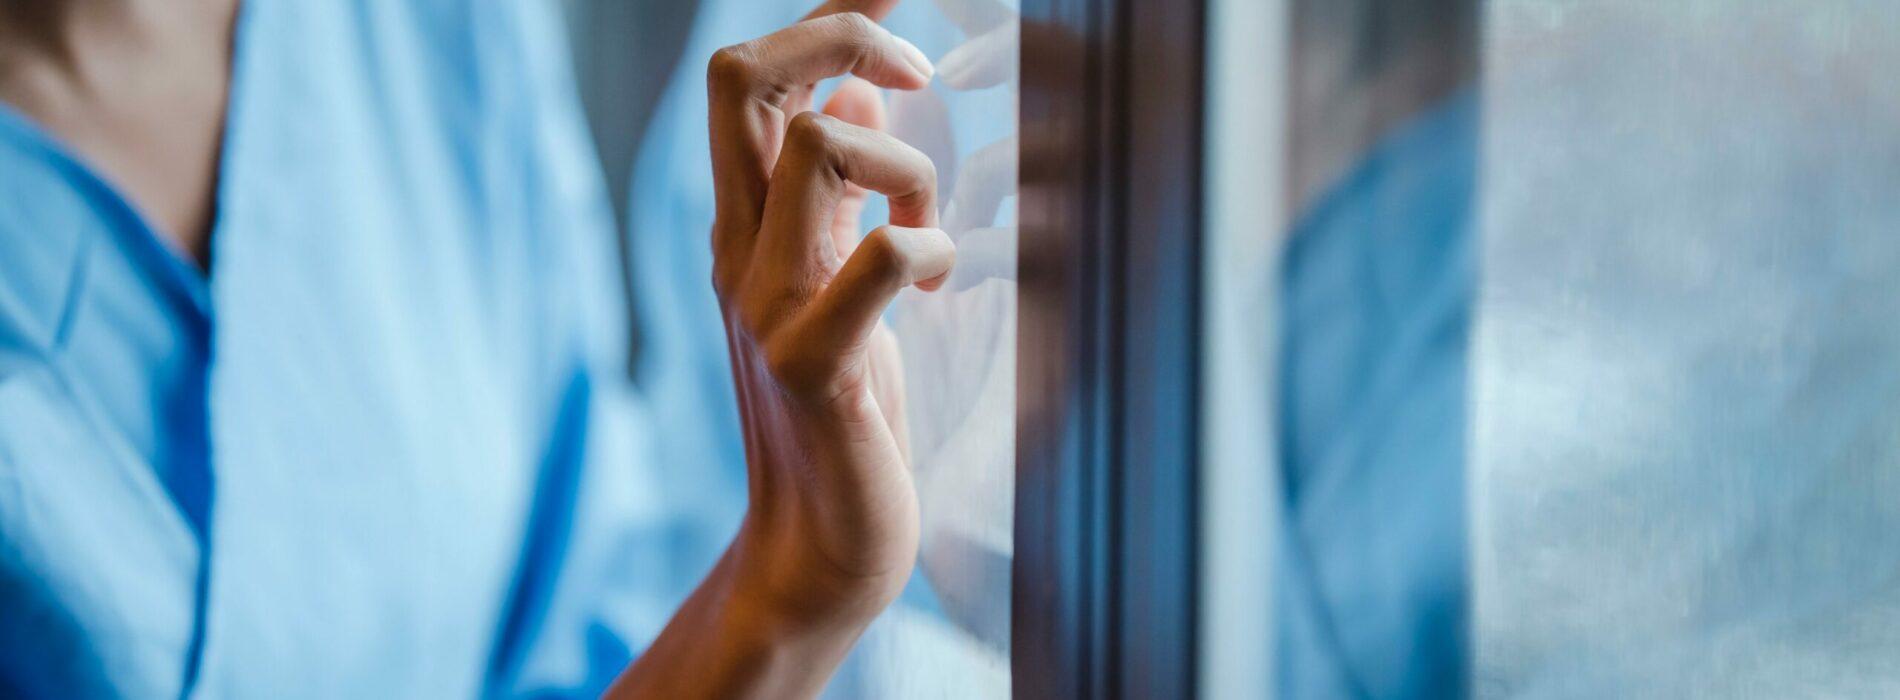 Ile trwa leczenie w ośrodku uzależnień?